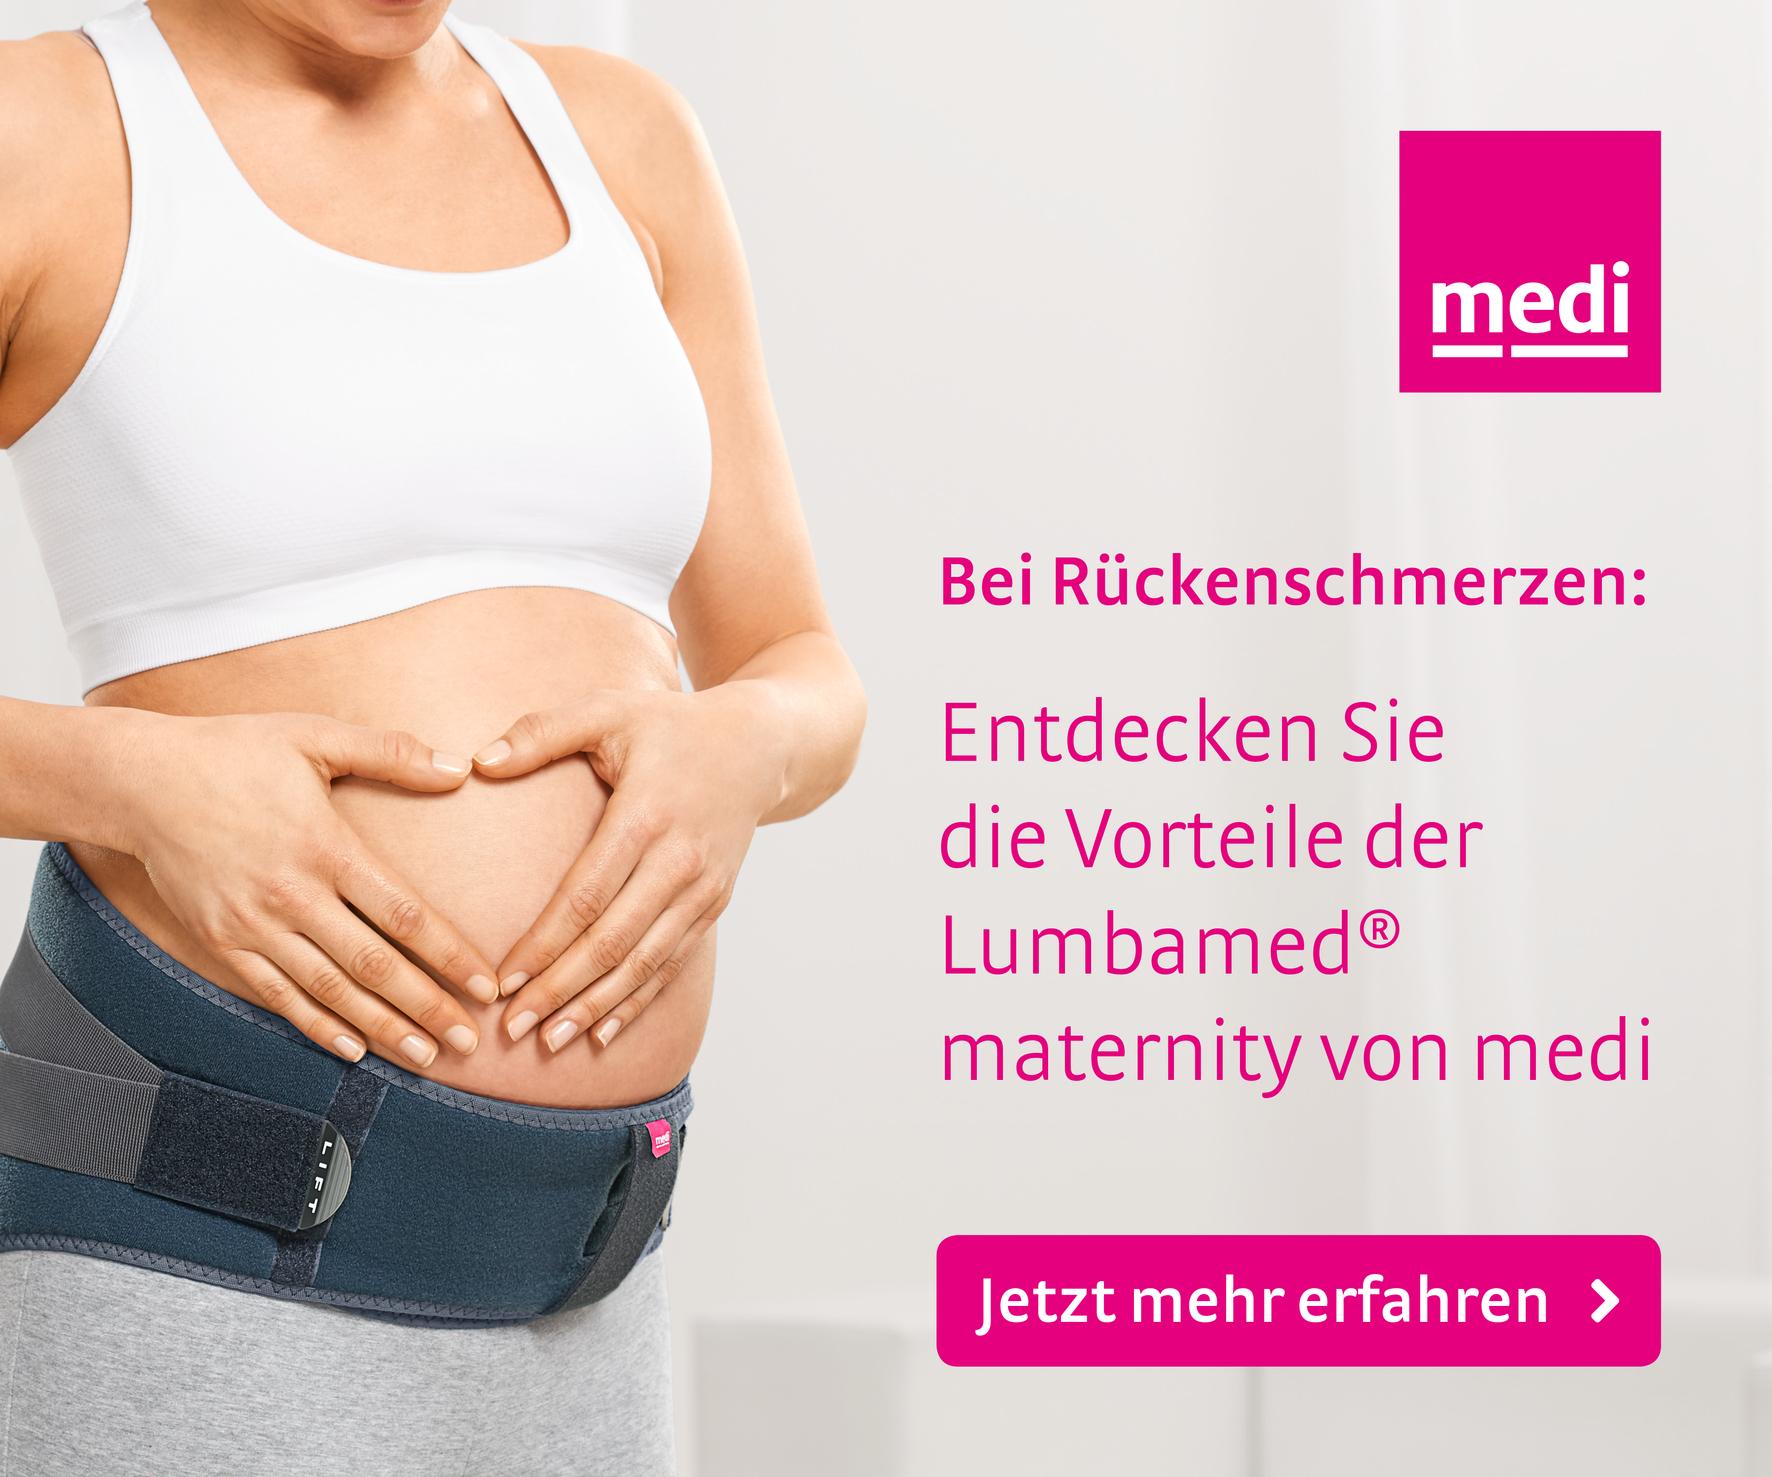 Stechen rechts neben bauchnabel schwanger